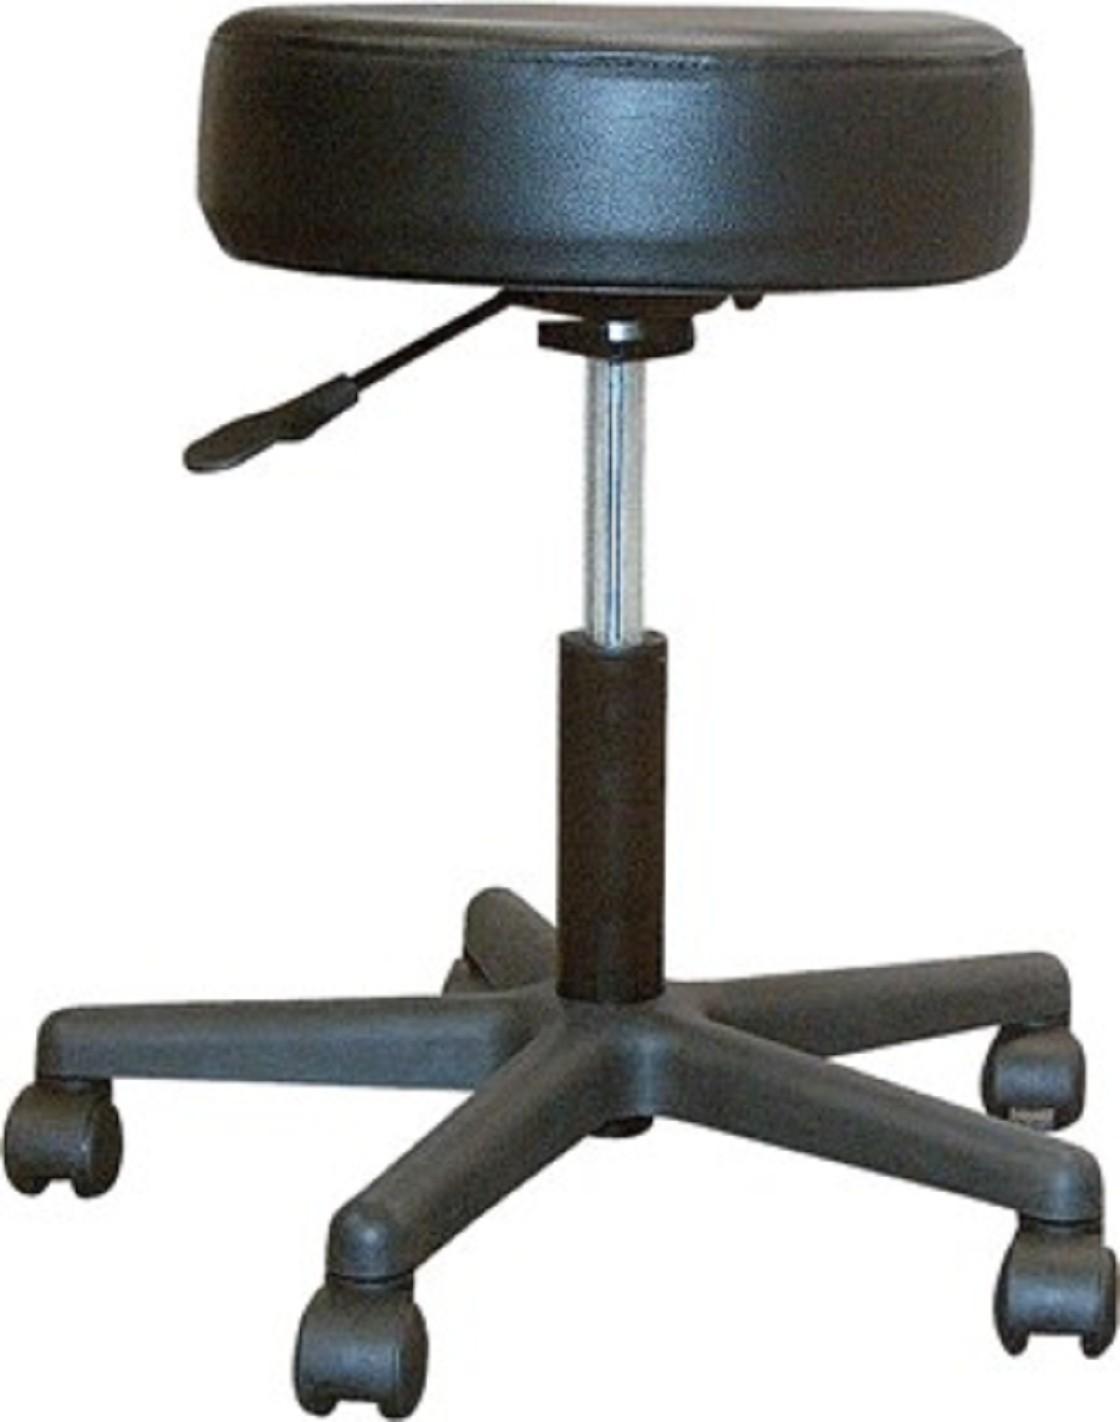 Revolving Pneumatic Adjustable Height Stool